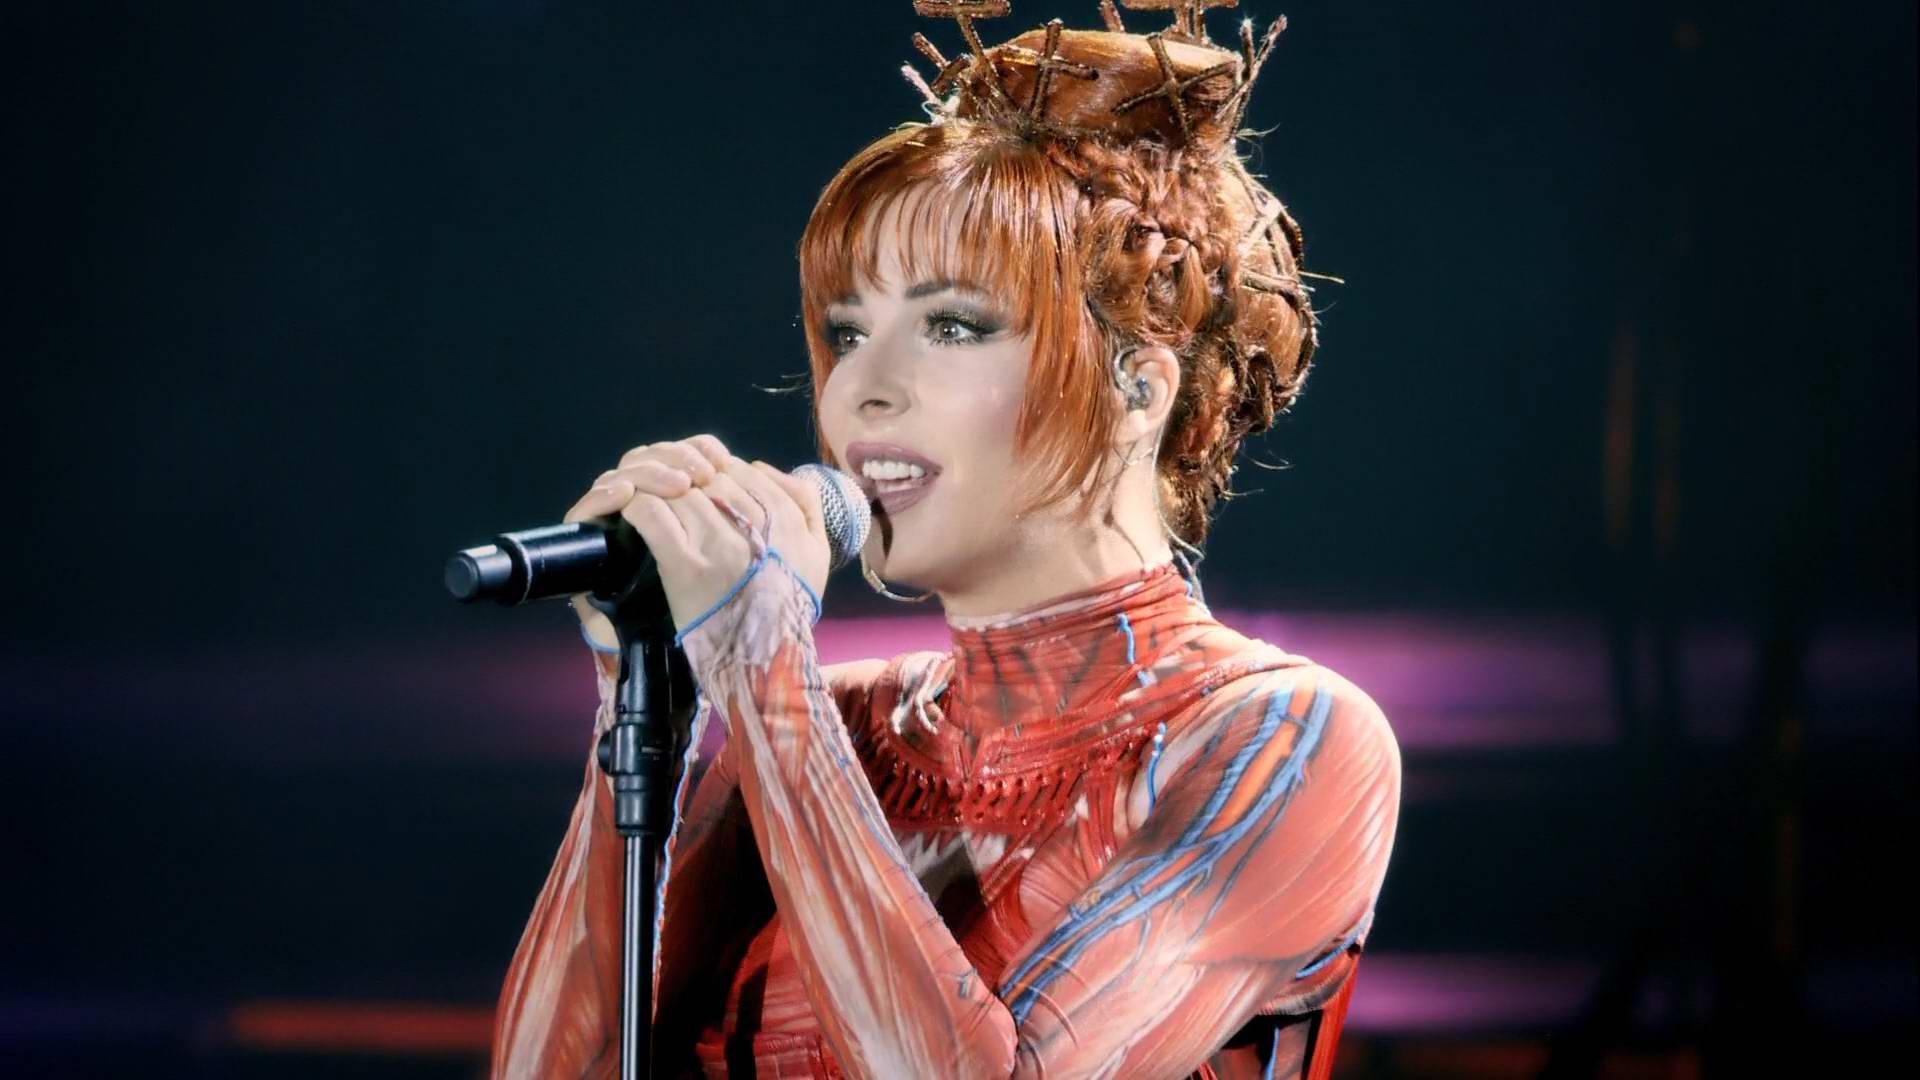 Список фамилий русских певиц, Настоящие фамилии звёзд эстрады и шоу-бизнеса 27 фотография